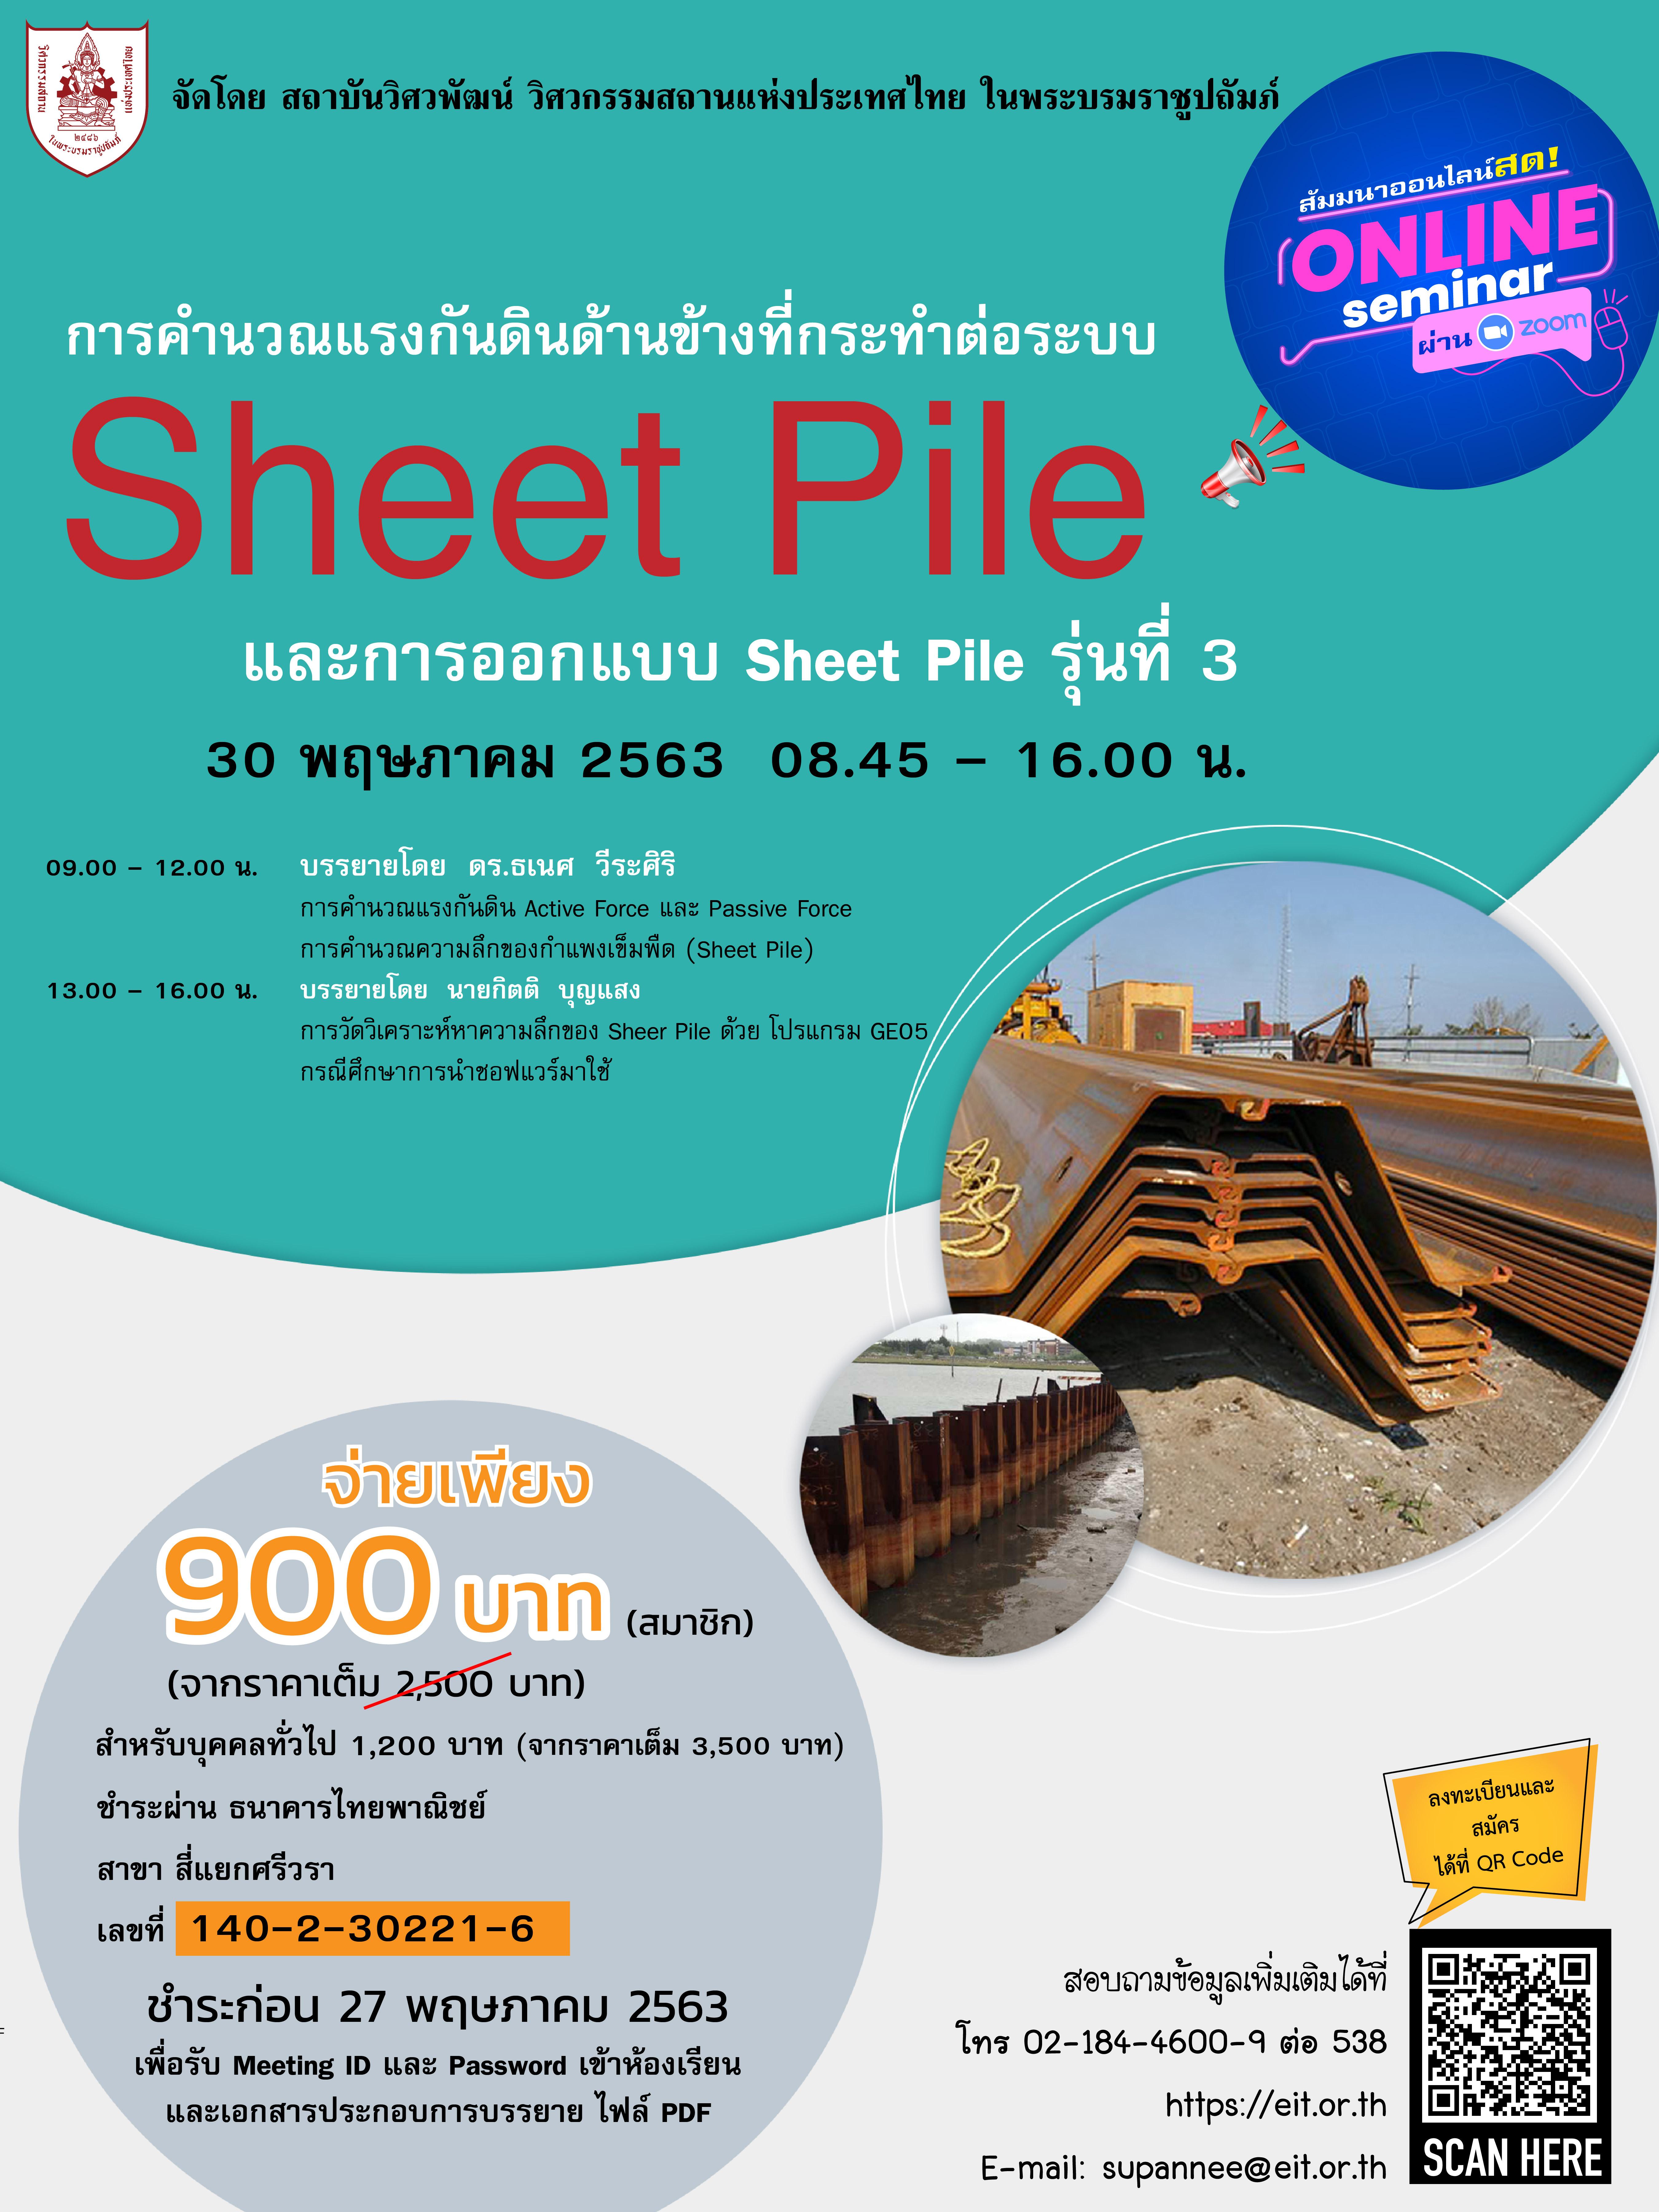 30/05/2563  อบรมออนไลน์เรื่อง การคำนวณแรงดันดินด้านข้างที่กระทำต่อระบบ Sheet Pile และการออกแบบ Sheet Pile  รุ่นที่ 3